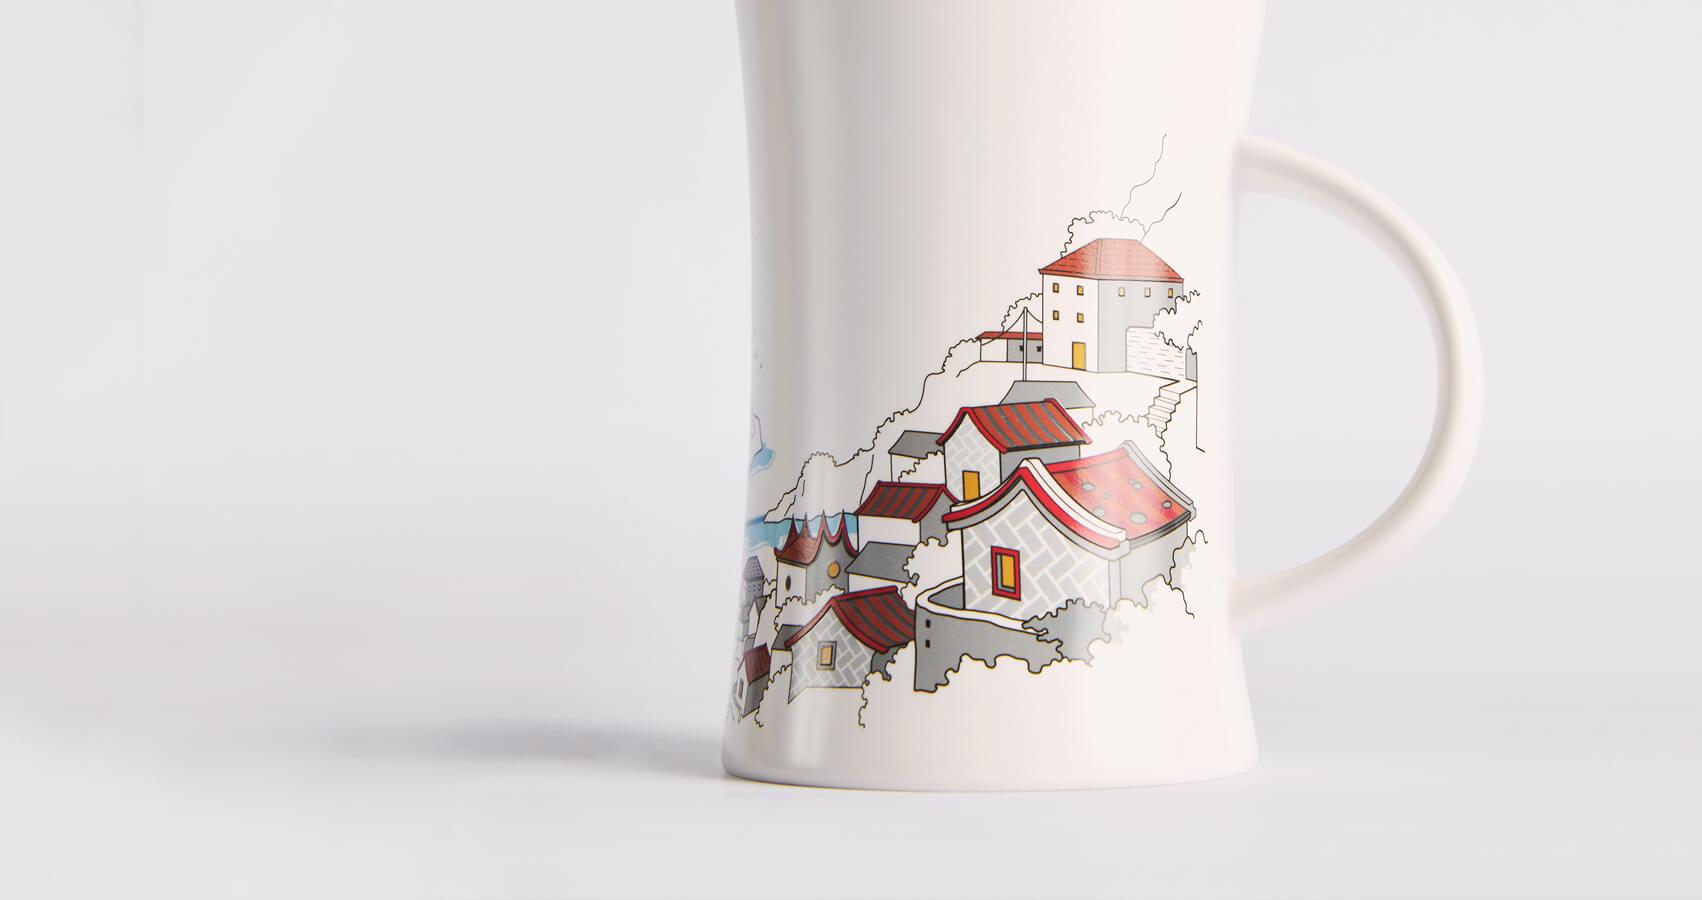 馬祖變色杯-細節1_1700x900px